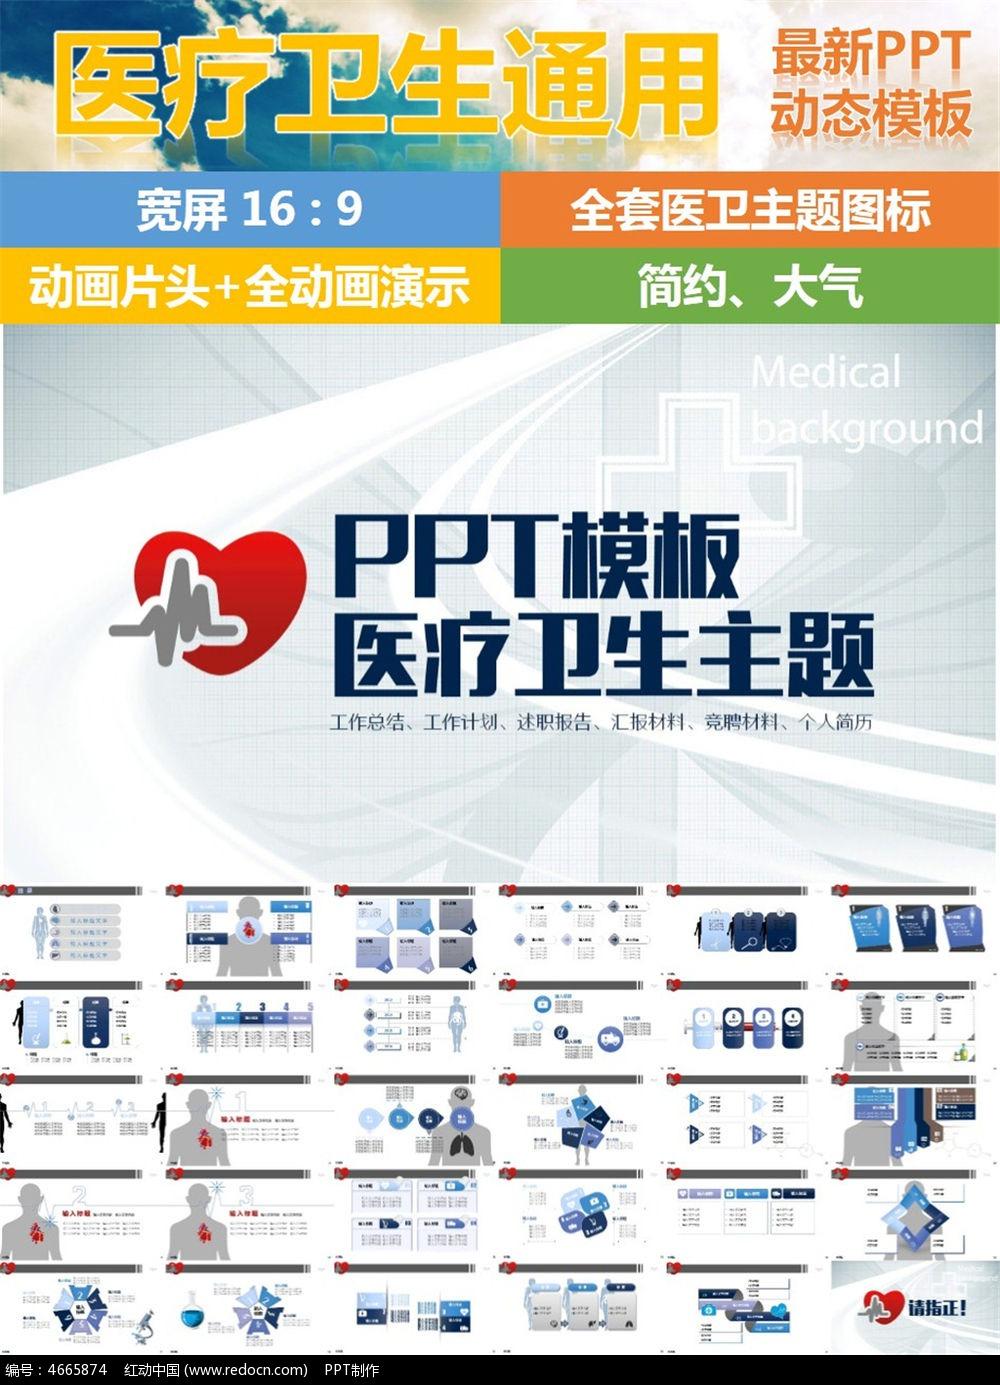 医学PPT 医疗PPT 医药代表汇报PPT 护士PPT 医生PPT-8款 医院医